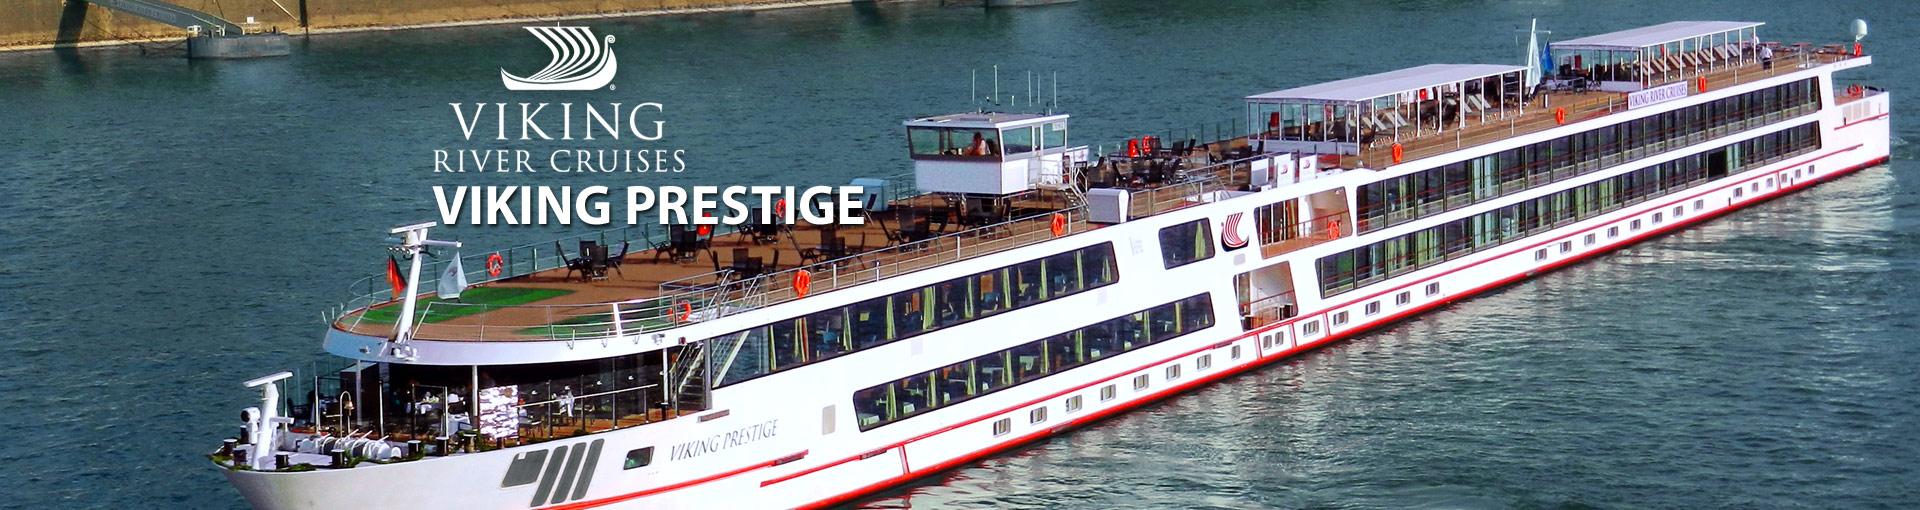 Viking Rivers Viking Prestige river cruise ship